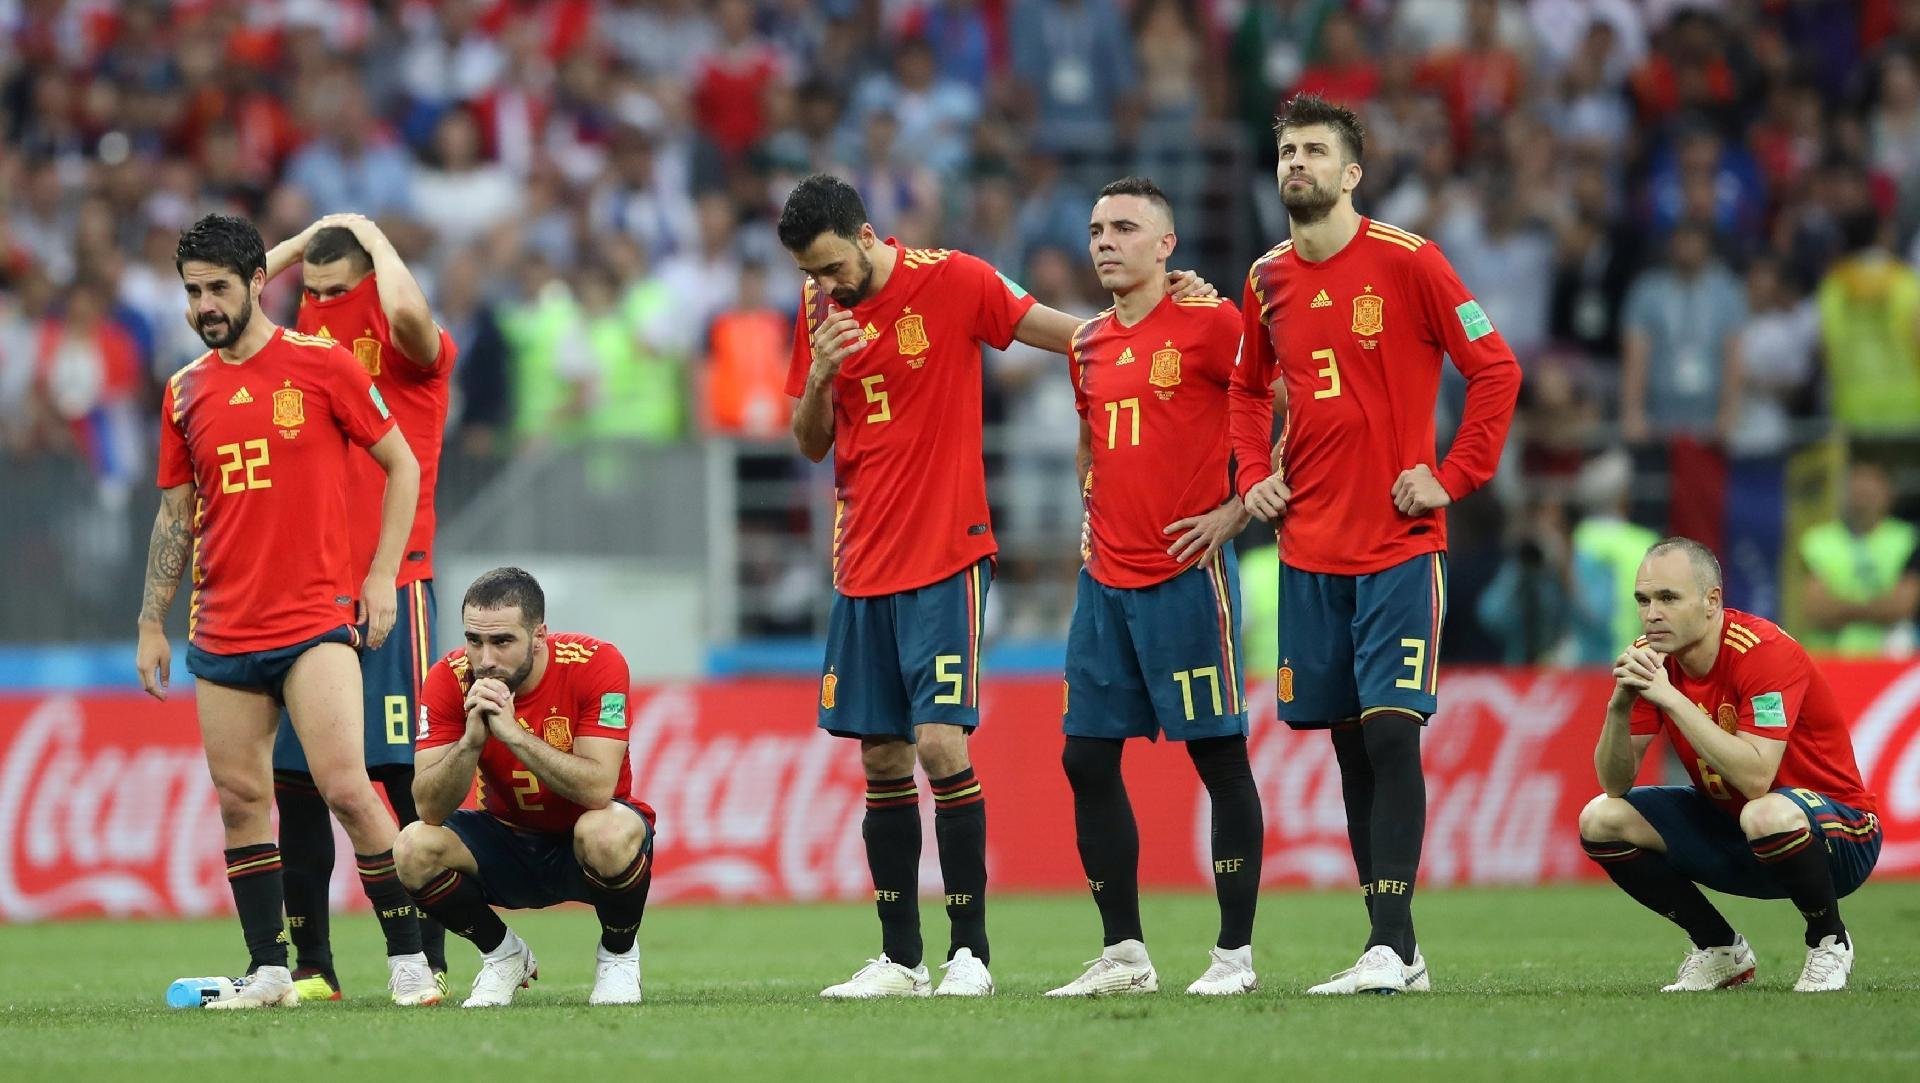 0e584b10c0 Espanha na Copa 2018  Jornal reprova maior parte da seleção espanhola  só  um é elogiado - UOL Copa do Mundo 2018